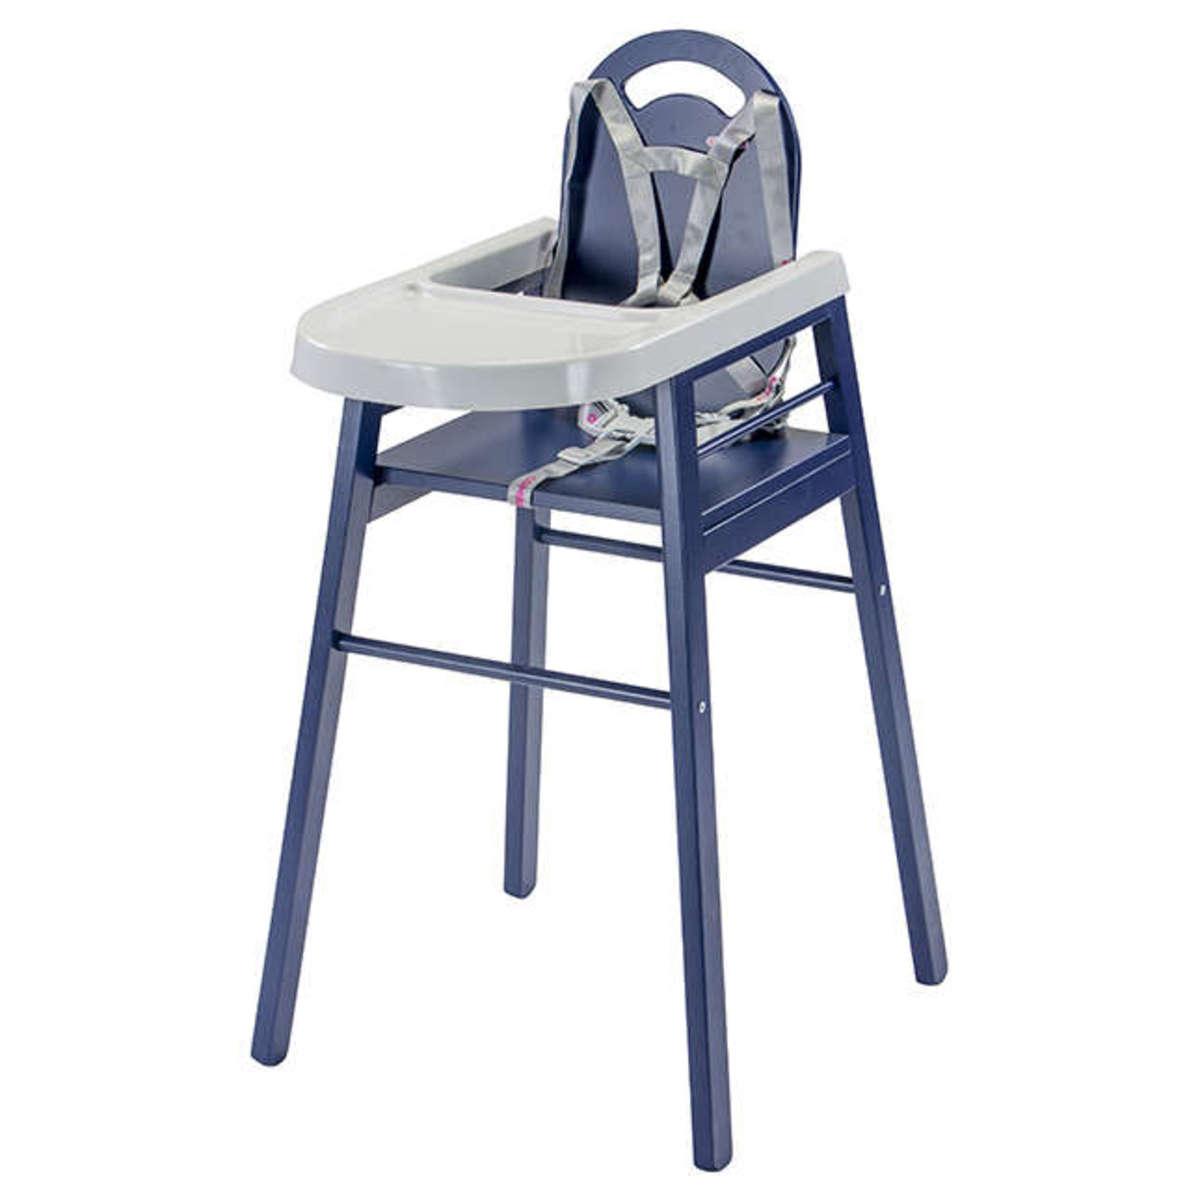 Combelle chaise haute fixe lili bleu chaise haute combelle sur l 39 armoire de b b - Chaise haute lili combelle ...